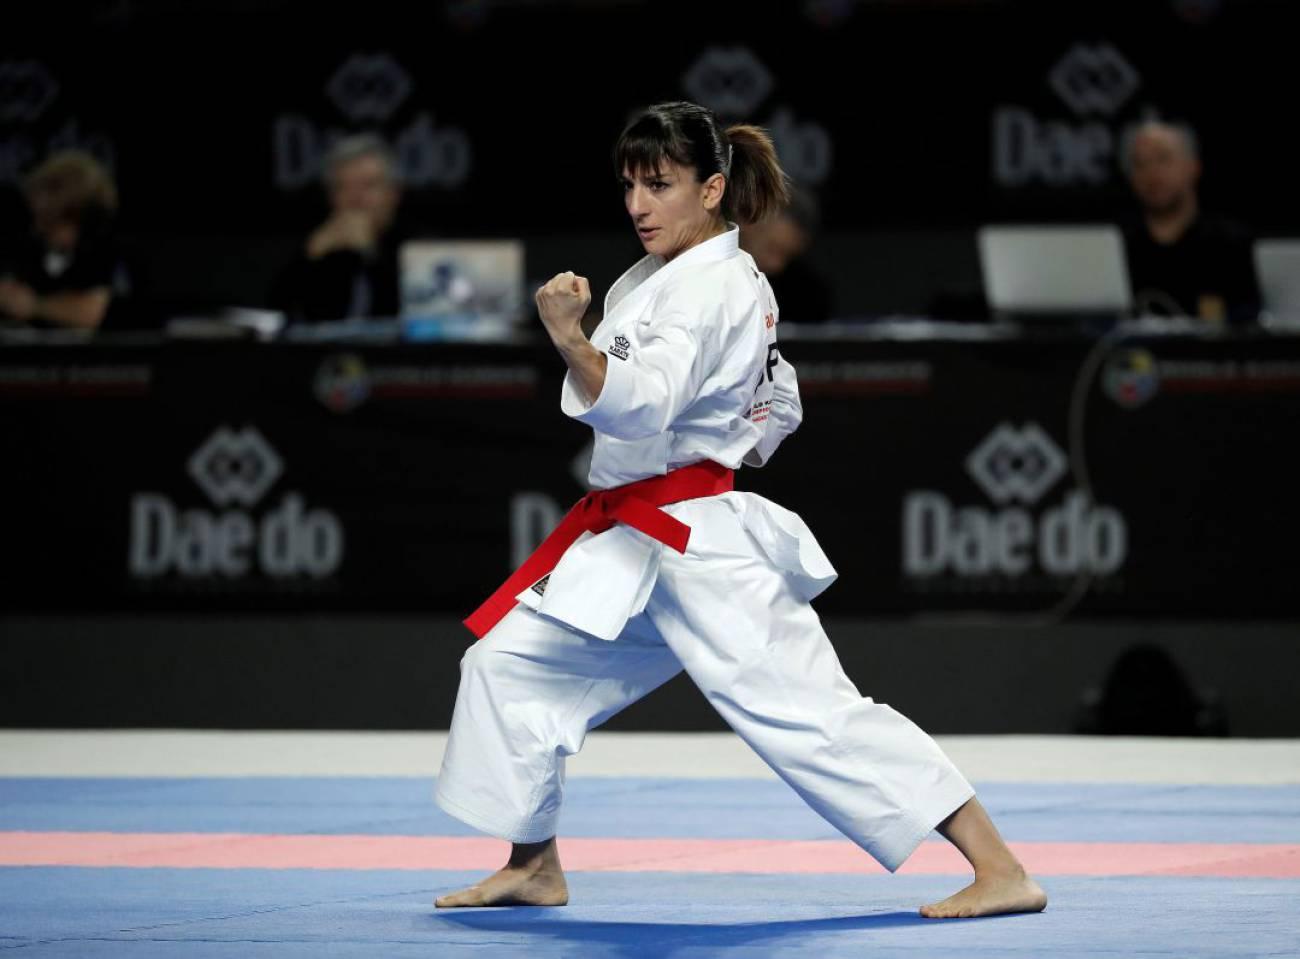 El Ayuntamiento de Talavera pedirá que el Kárate sea Deporte Olímpico en París 2024